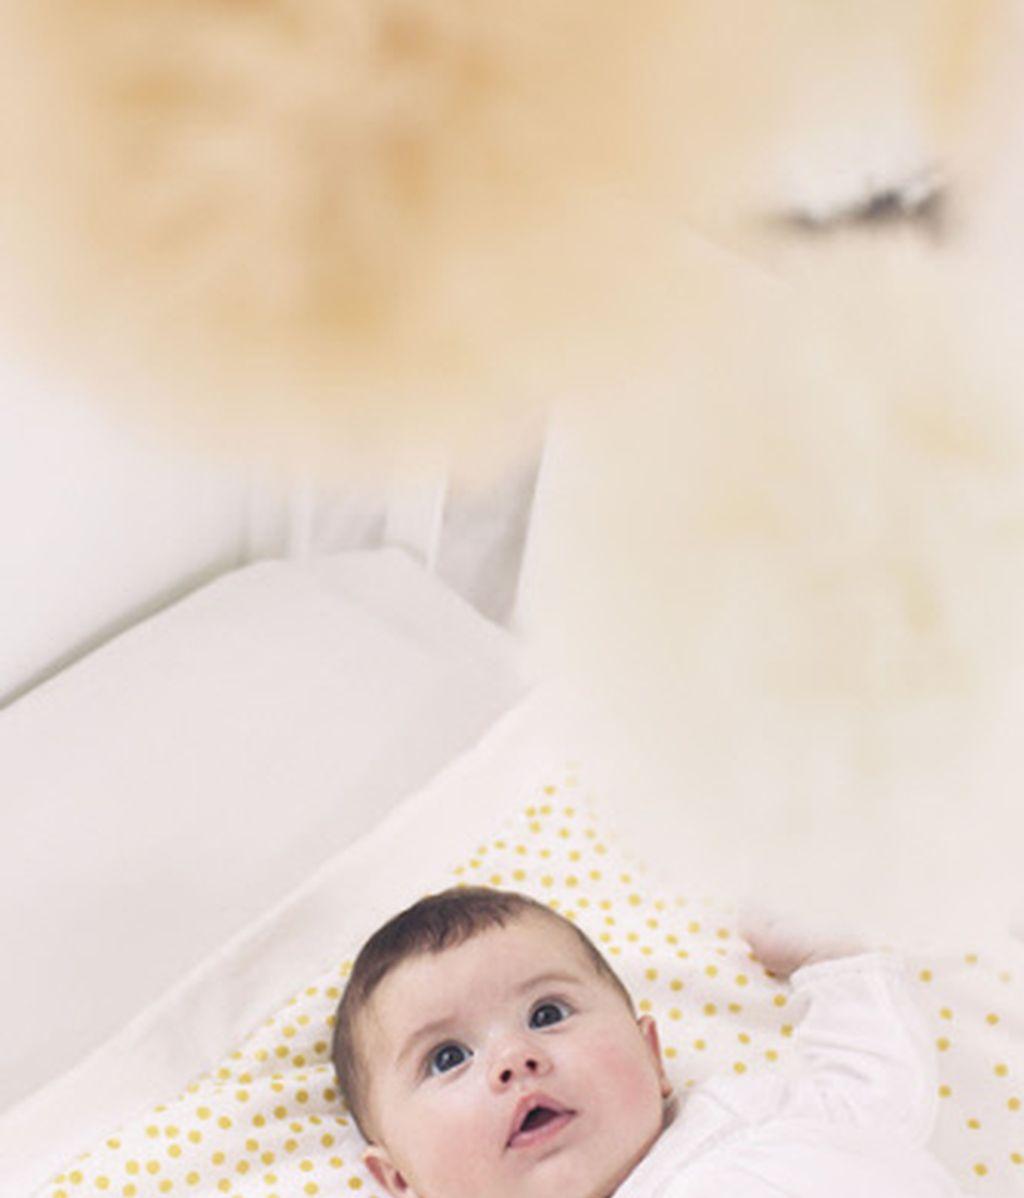 Los trucos definitivos para hacer dormir a tu bebé